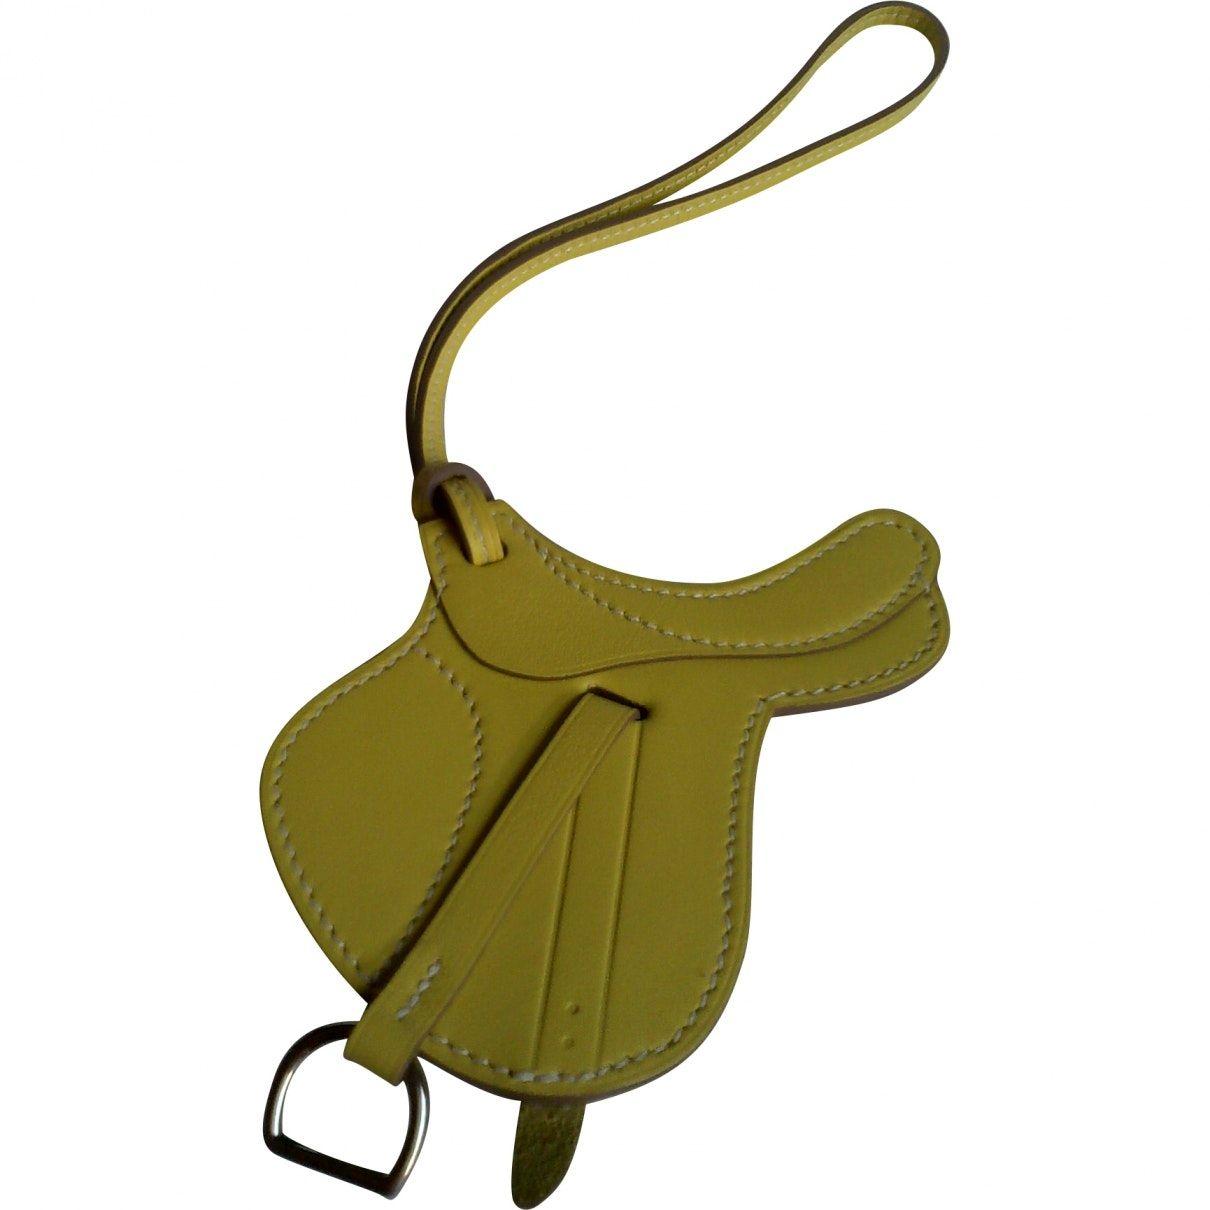 hermes bag charm saddle